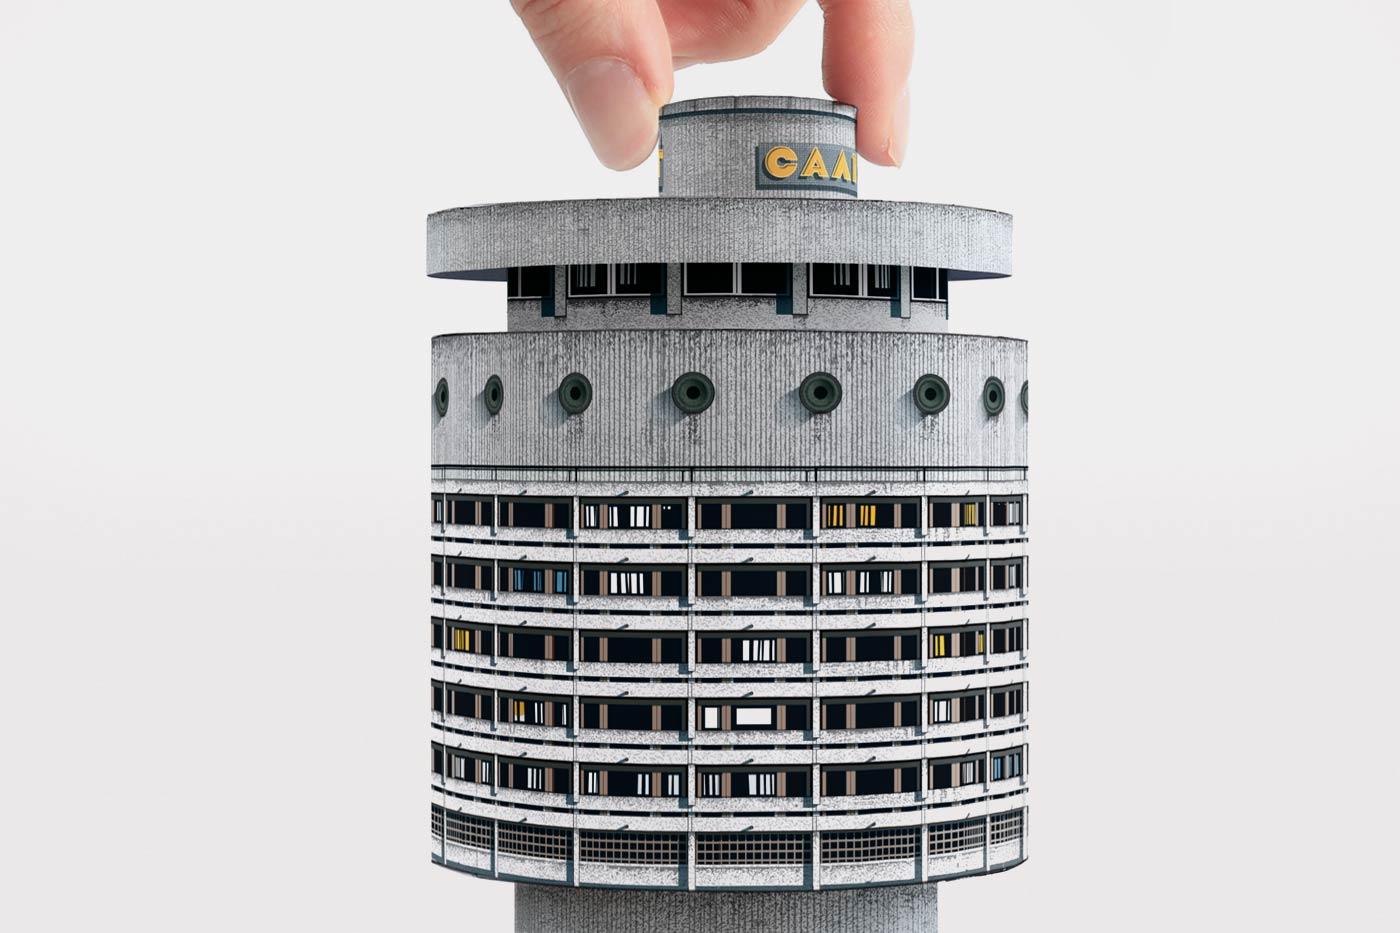 Cardboard model of Hotel Salute in Kyiv, Ukraine